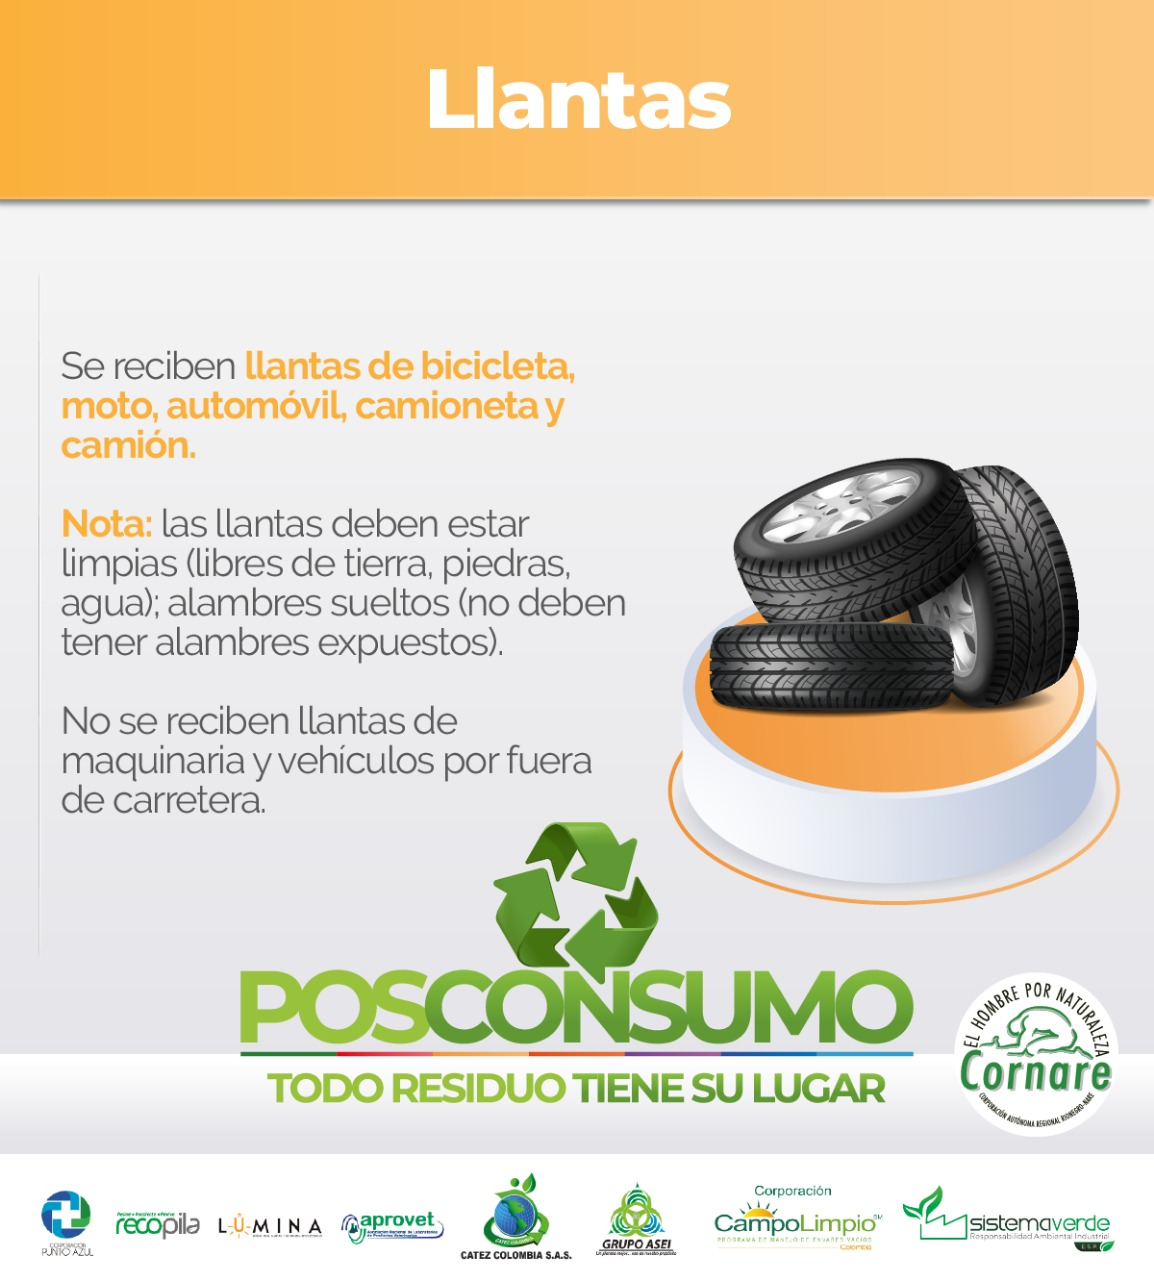 Llantas Posconsumo